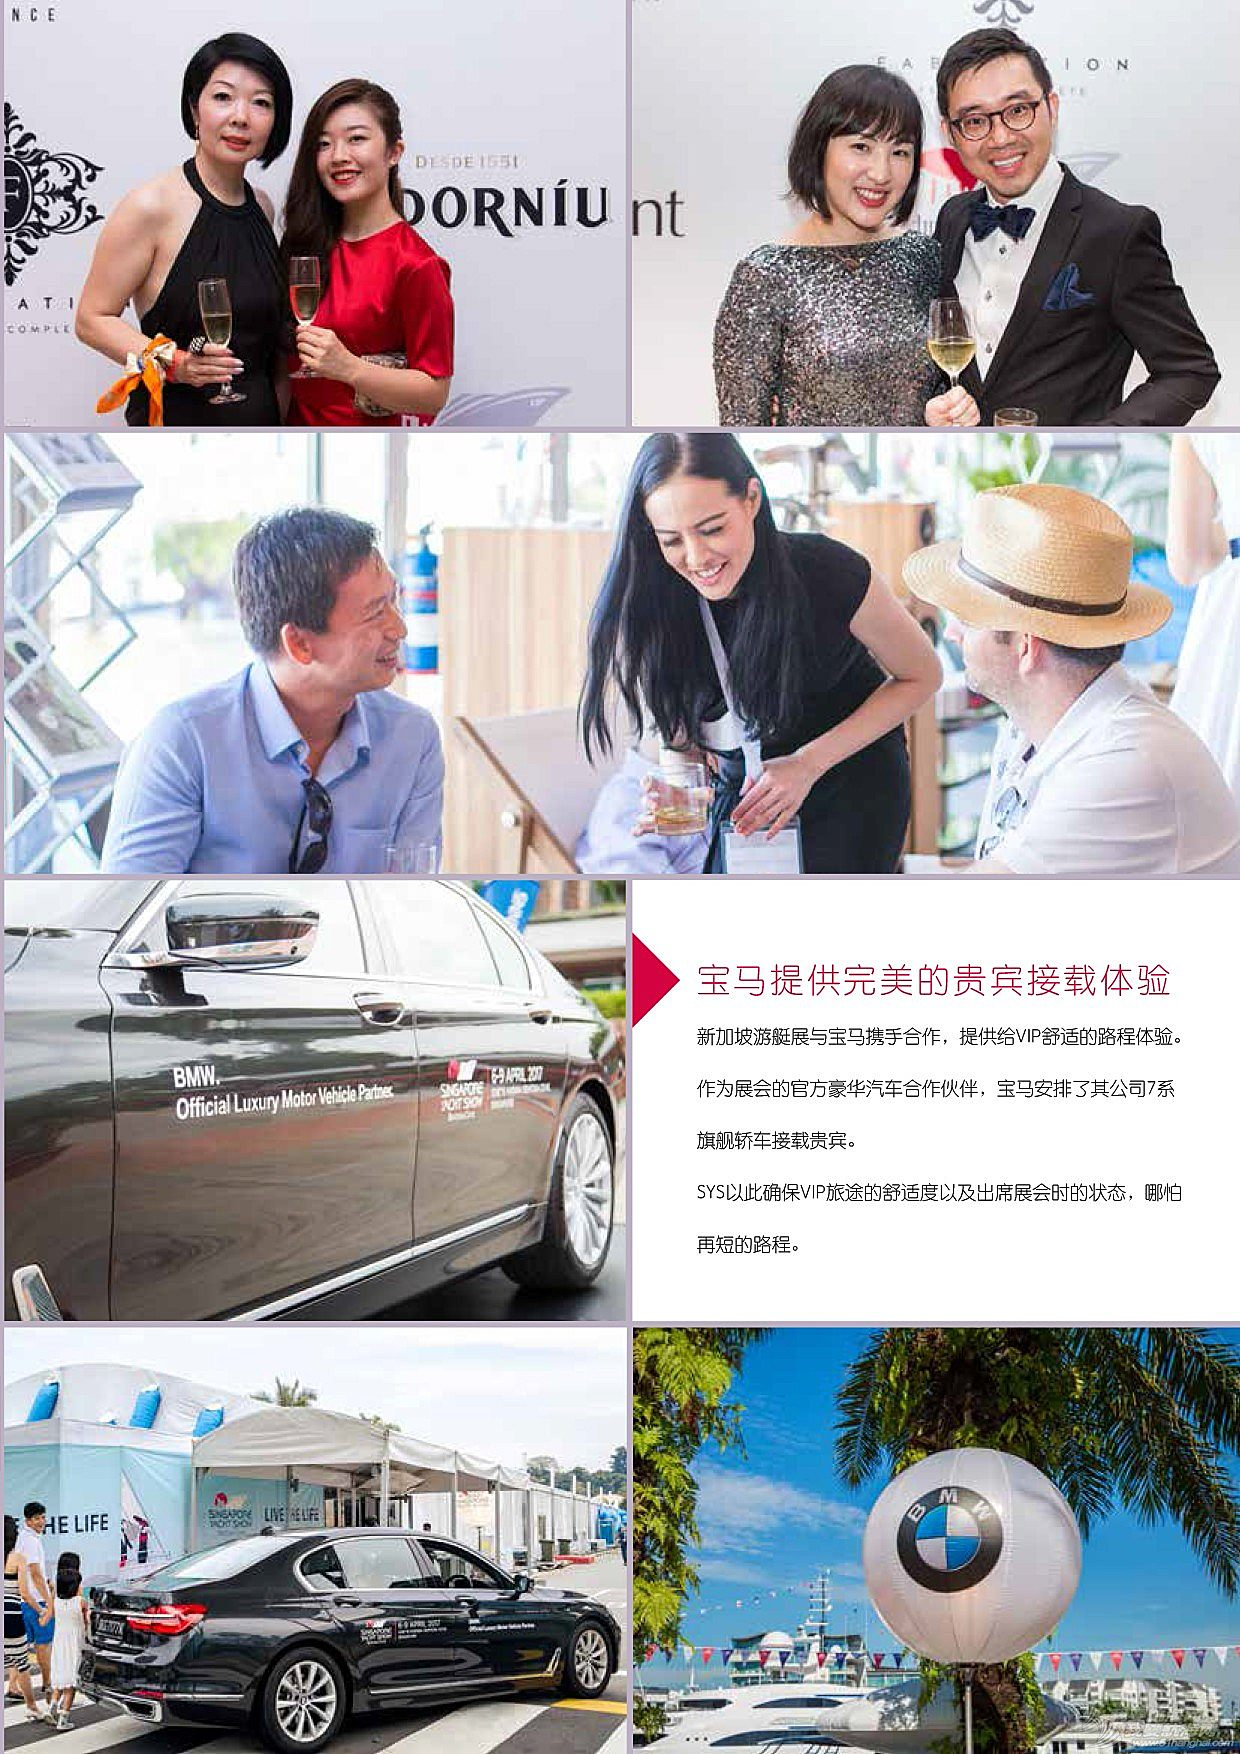 2017年新加坡游艇展展会报告书供您参考,2018,期待您的到来!